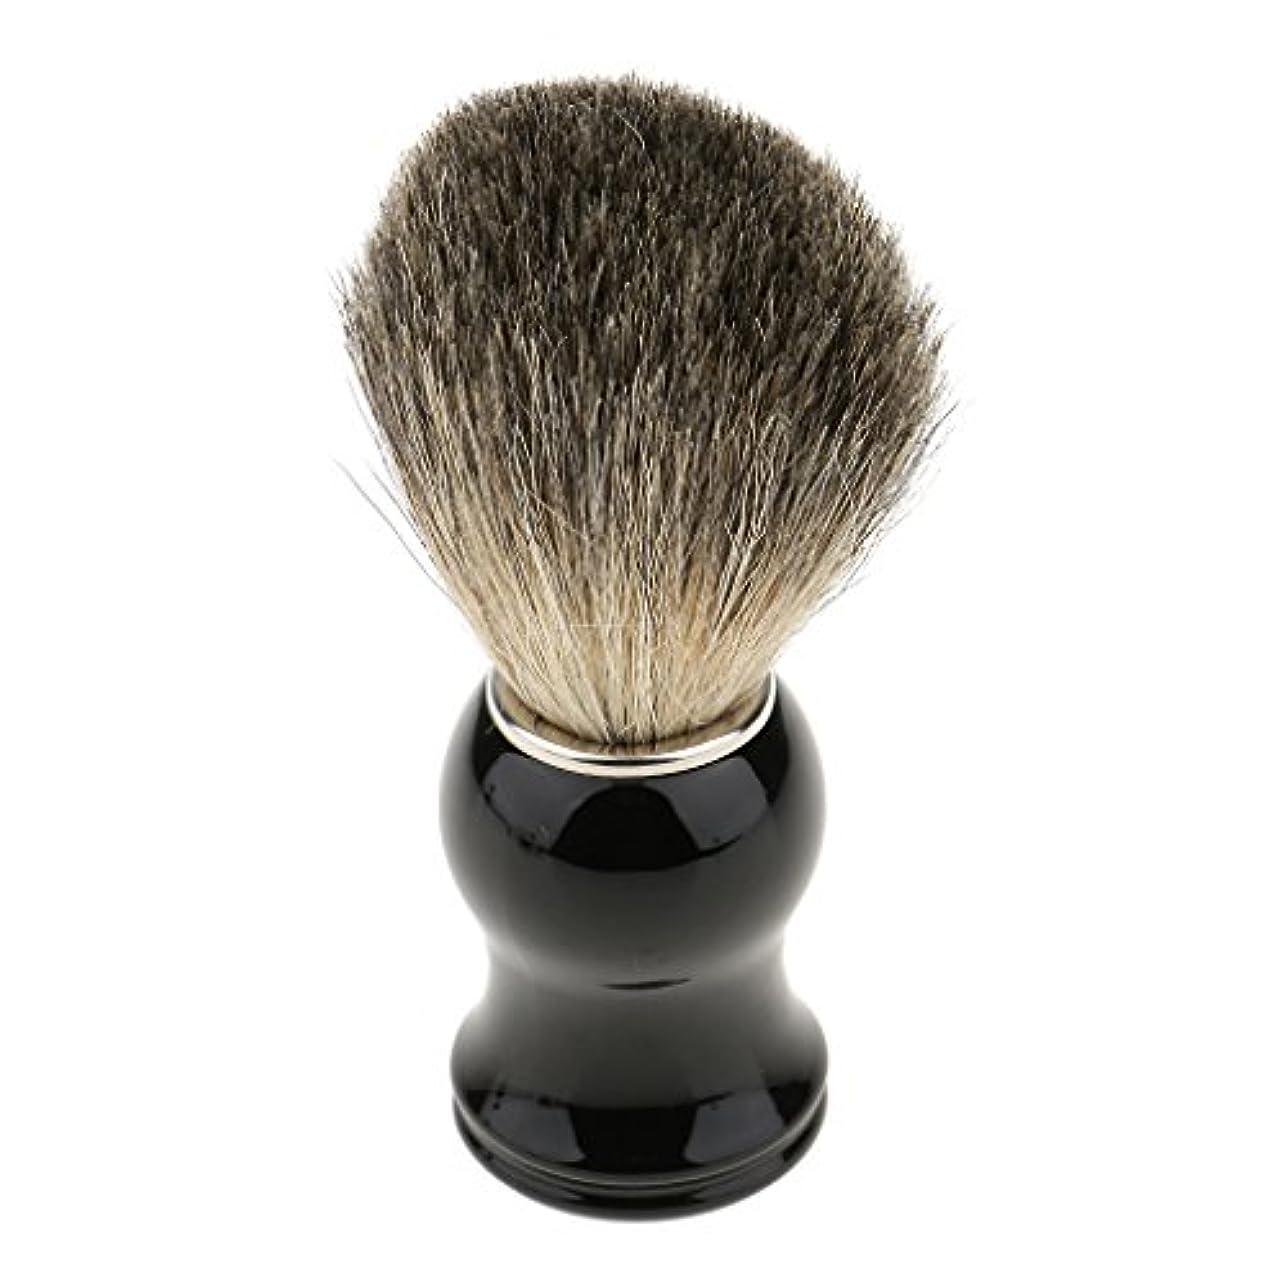 協定ケージ入場料シェービング用ブラシ 人工毛 メンズ 理容 洗顔 髭剃り 泡立ち 11.2cm 全2色 - ブラックハンドル